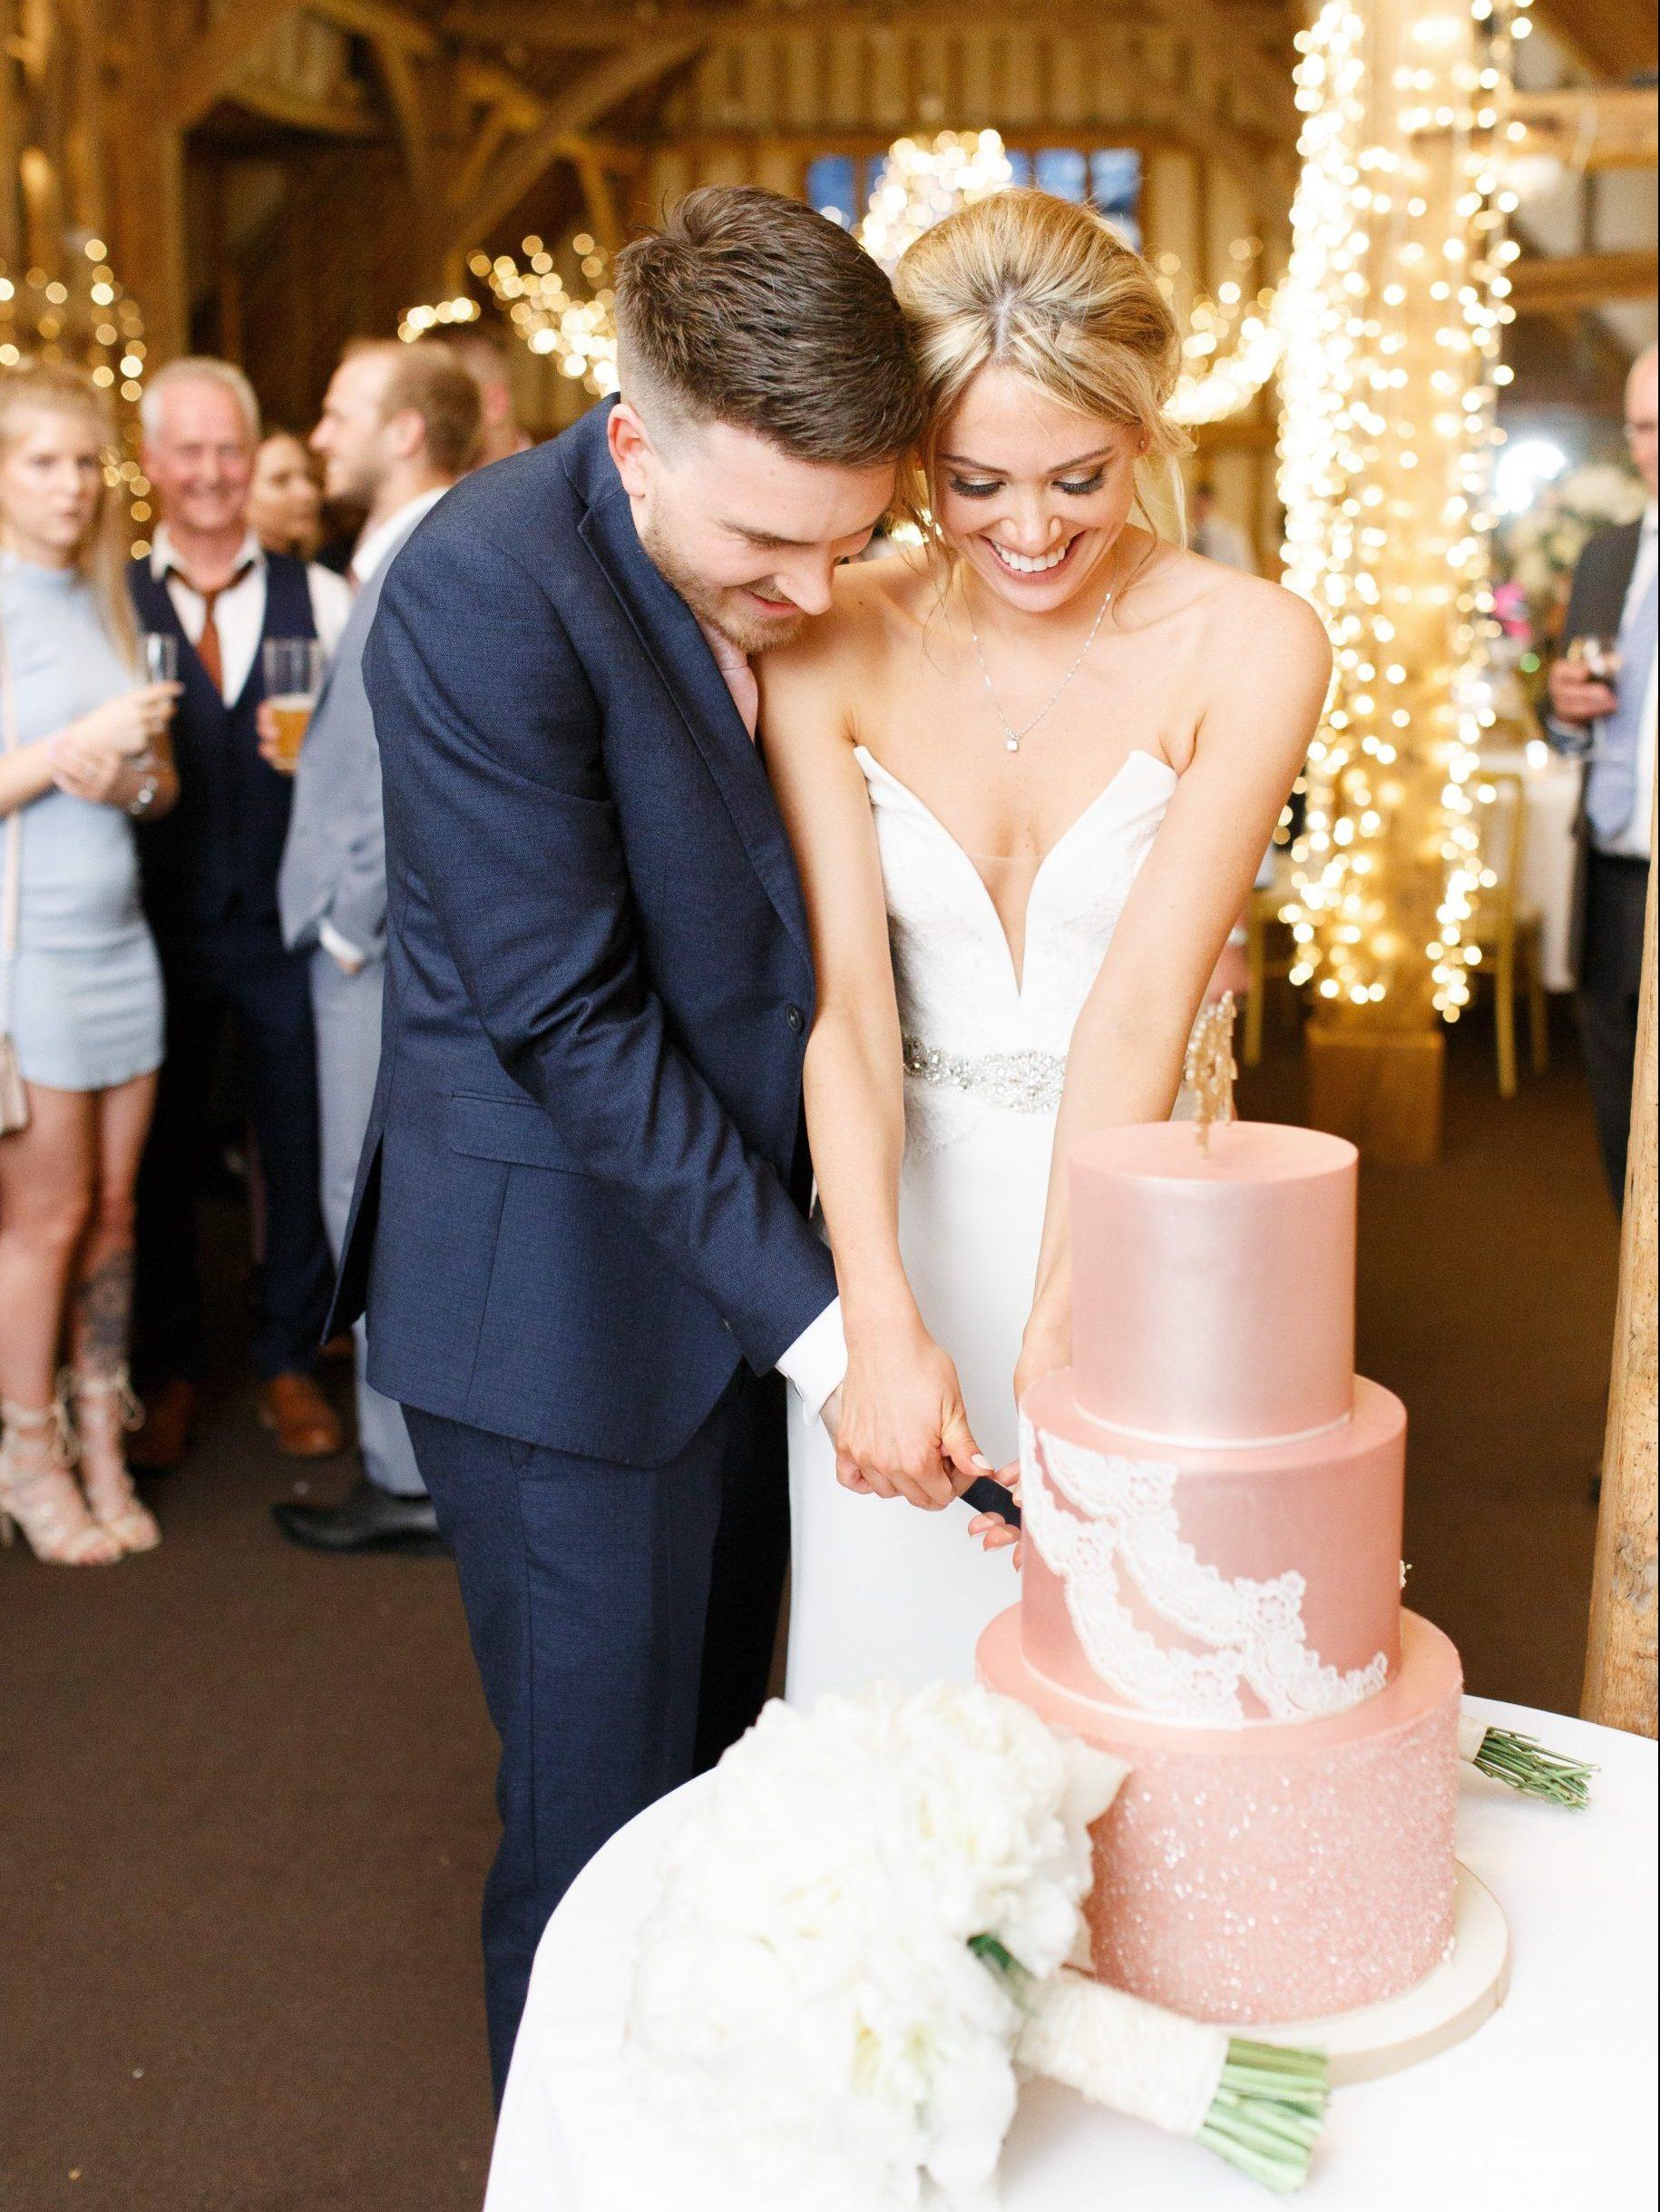 Cutting the cake pink wedding cake at Blake Hall